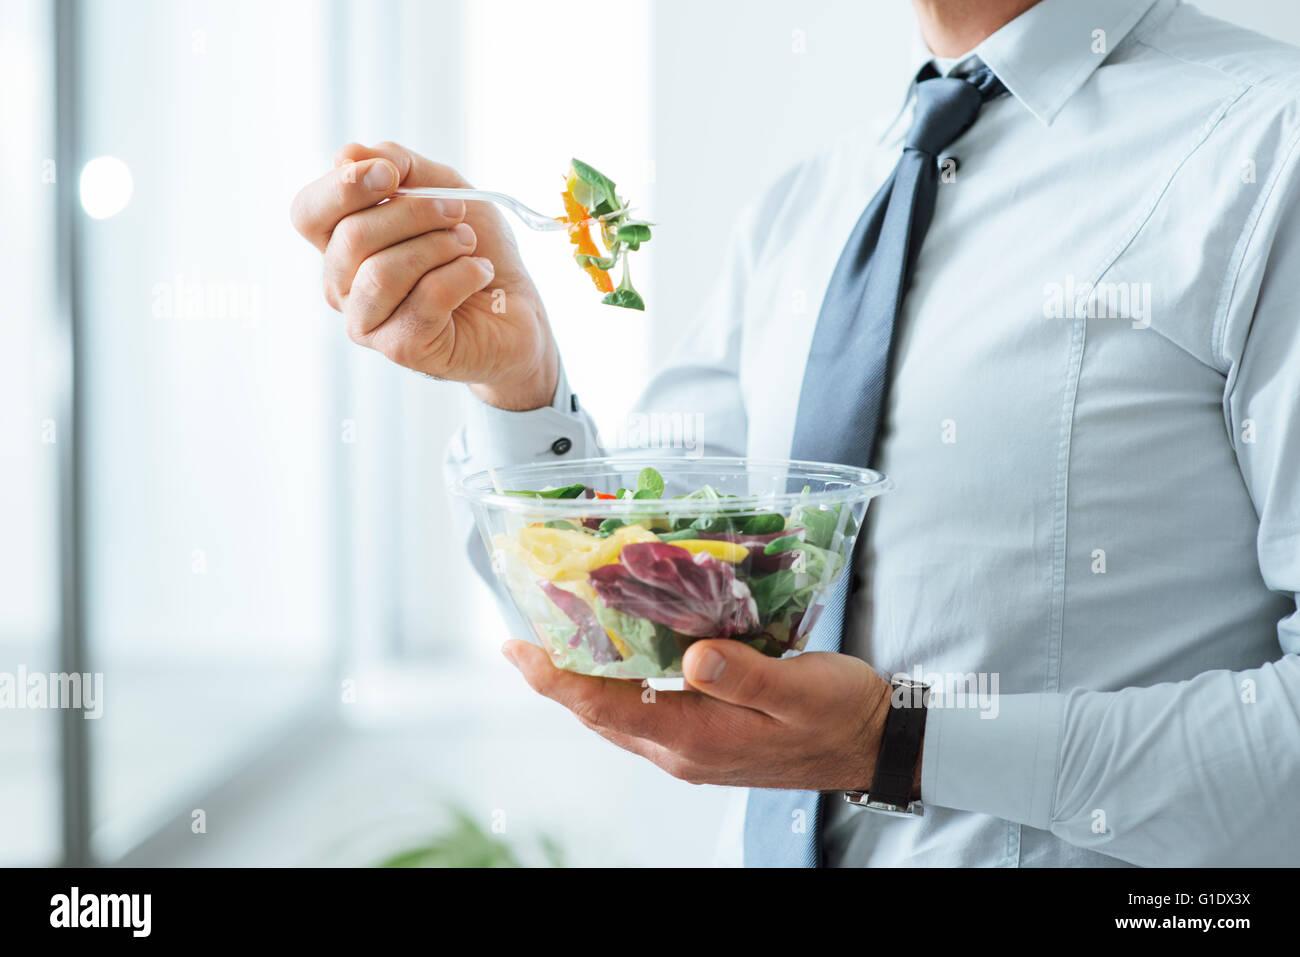 El empresario tiene una ensalada de verduras para comer, comer sano y el concepto de estilo de vida, persona irreconocible Foto de stock